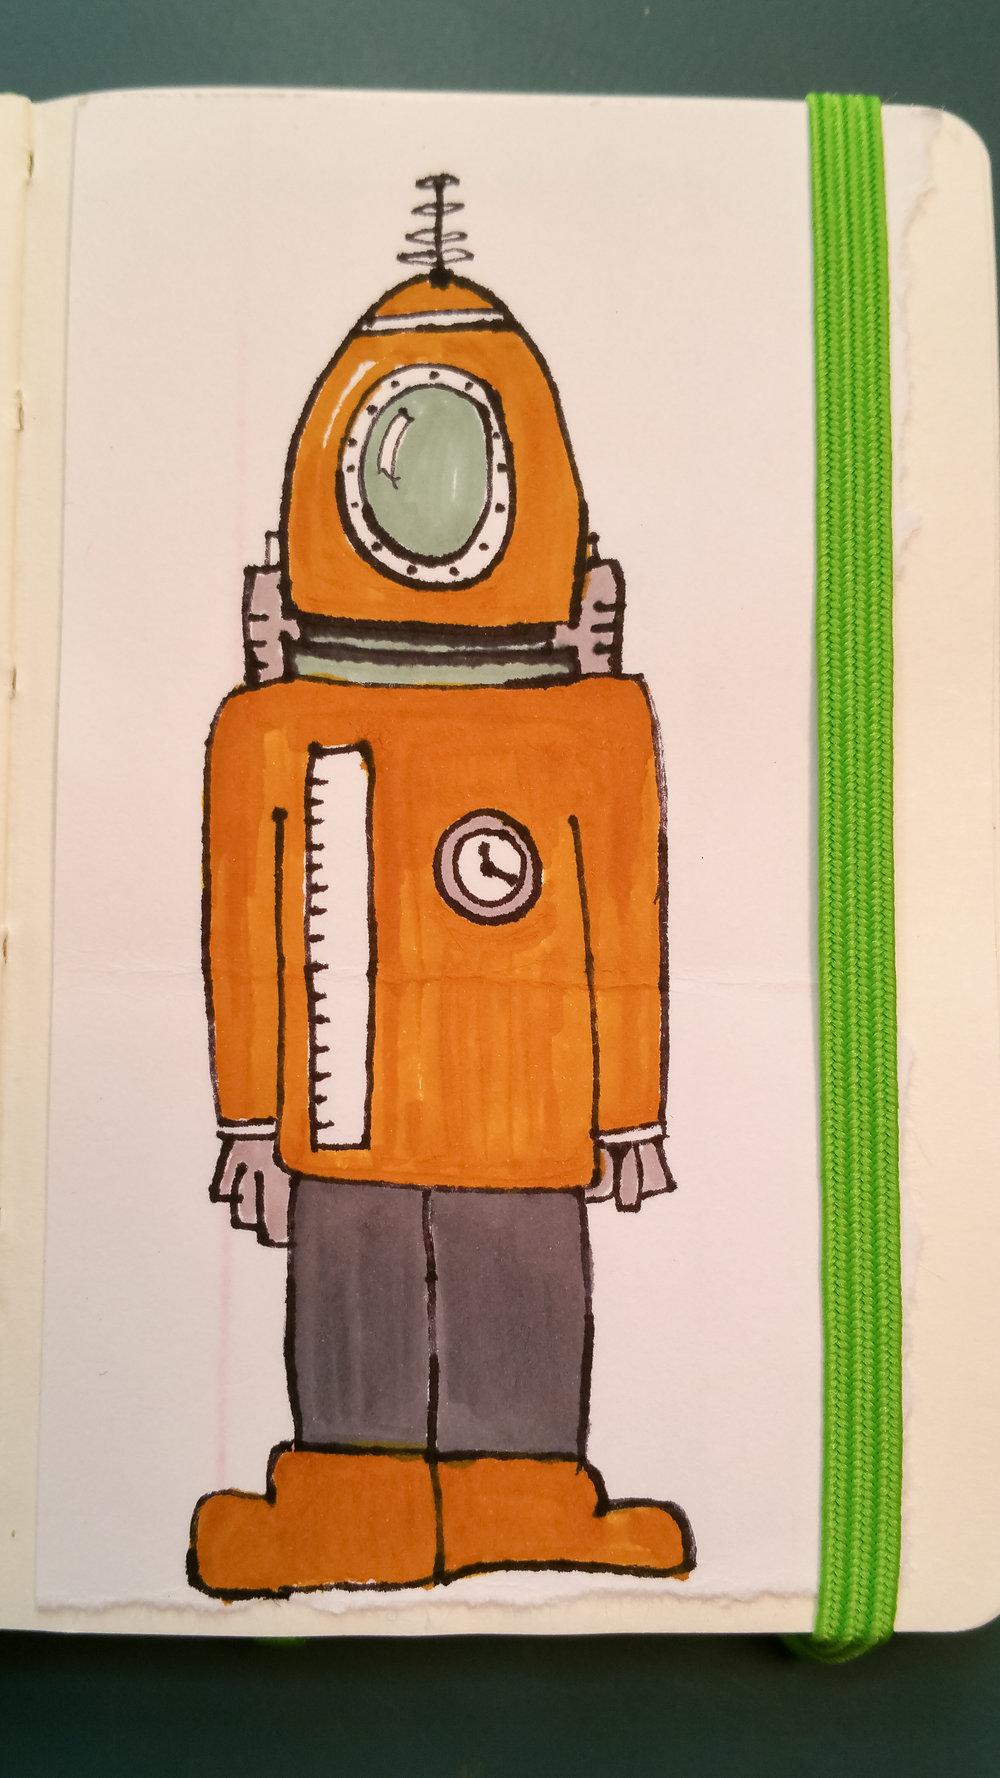 Sept 23, 2017 robot #16/365